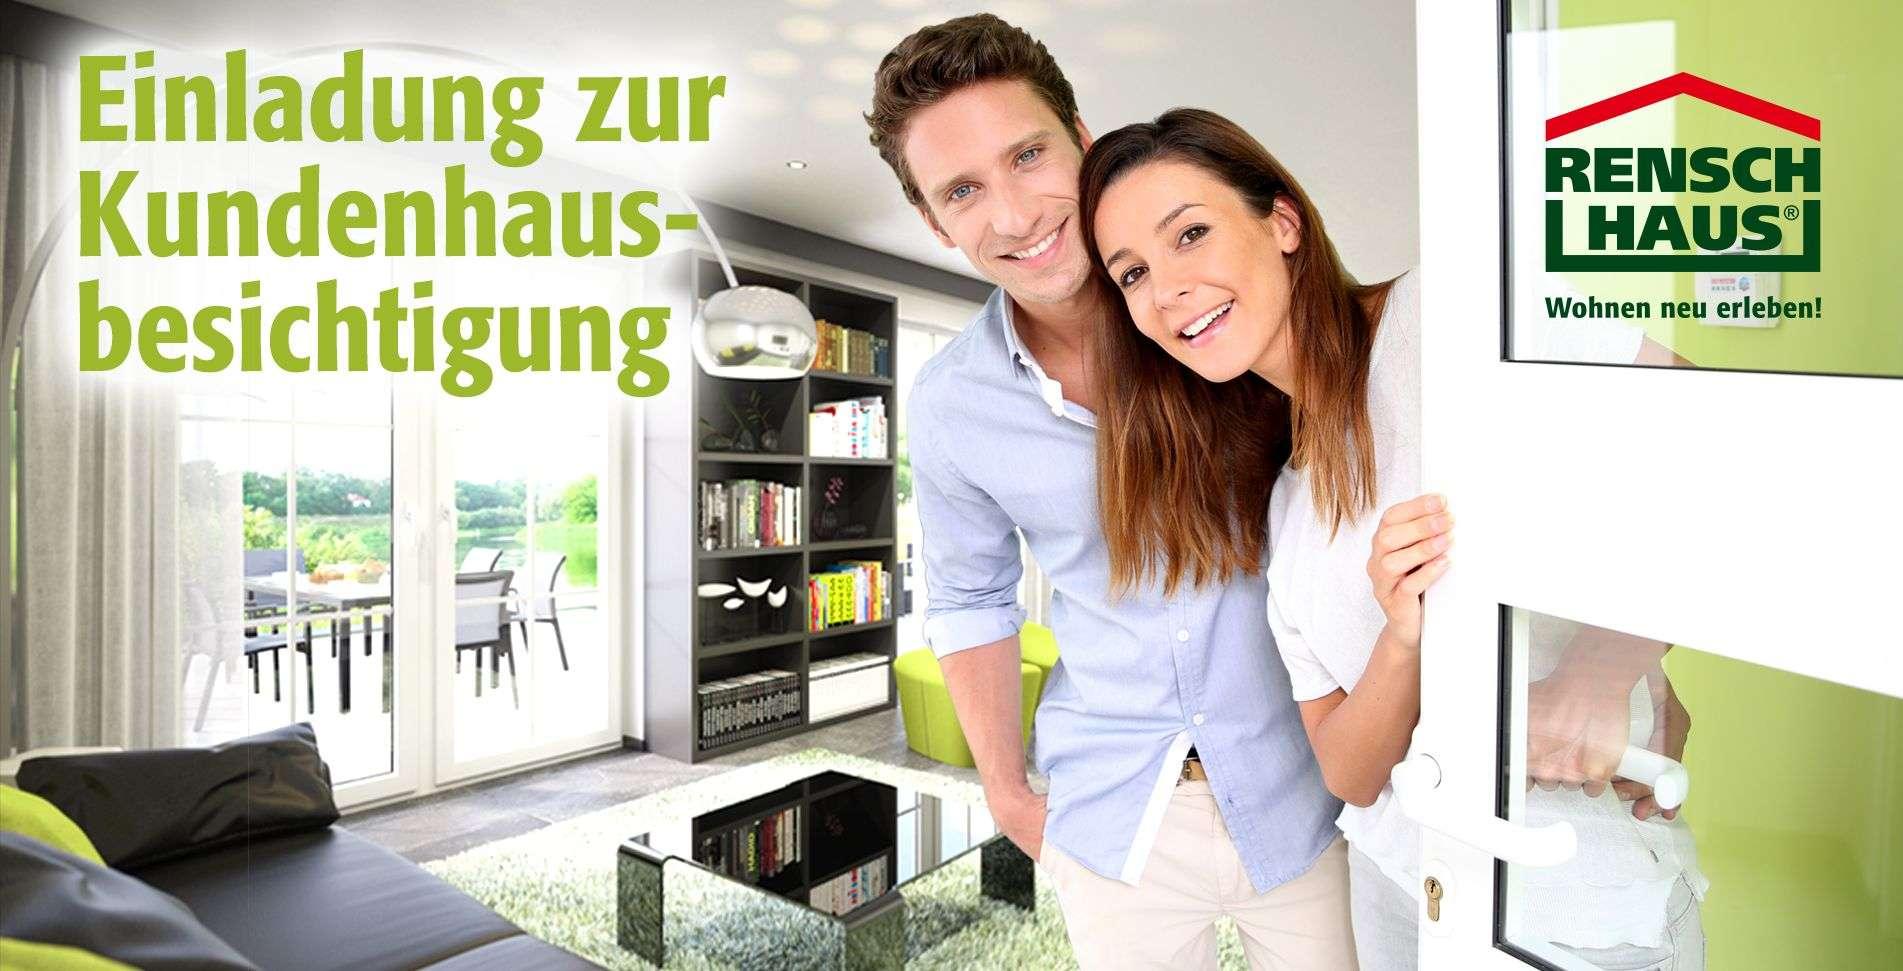 rensch haus gmbh kundenhausbesichtigung in 56237 wittgert. Black Bedroom Furniture Sets. Home Design Ideas